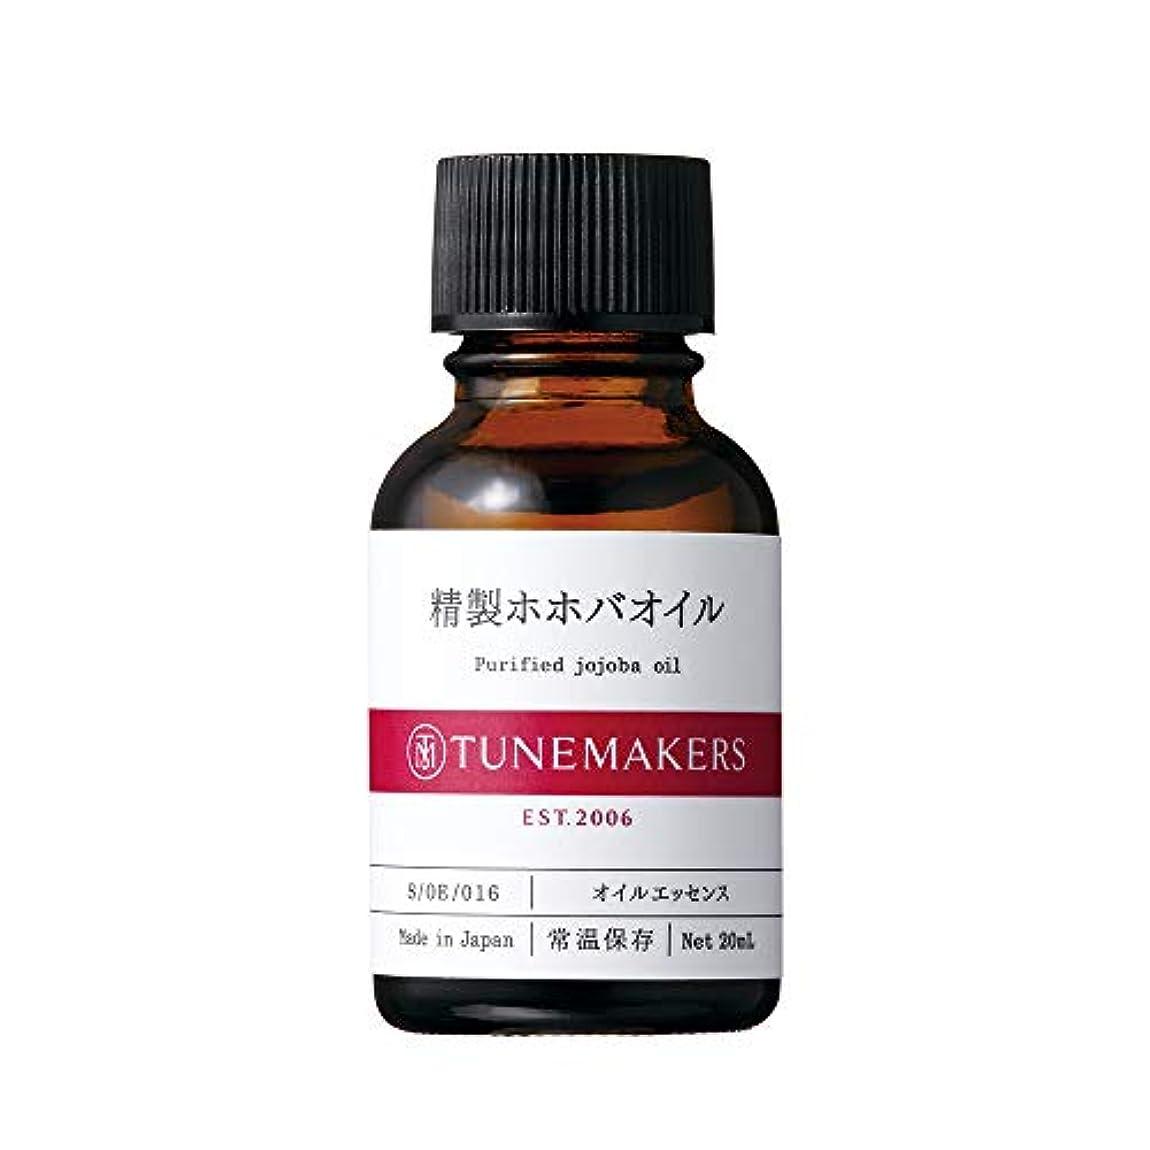 ハム魔法乱闘TUNEMAKERS(チューンメーカーズ) 精製ホホバオイル 美容液 20ml